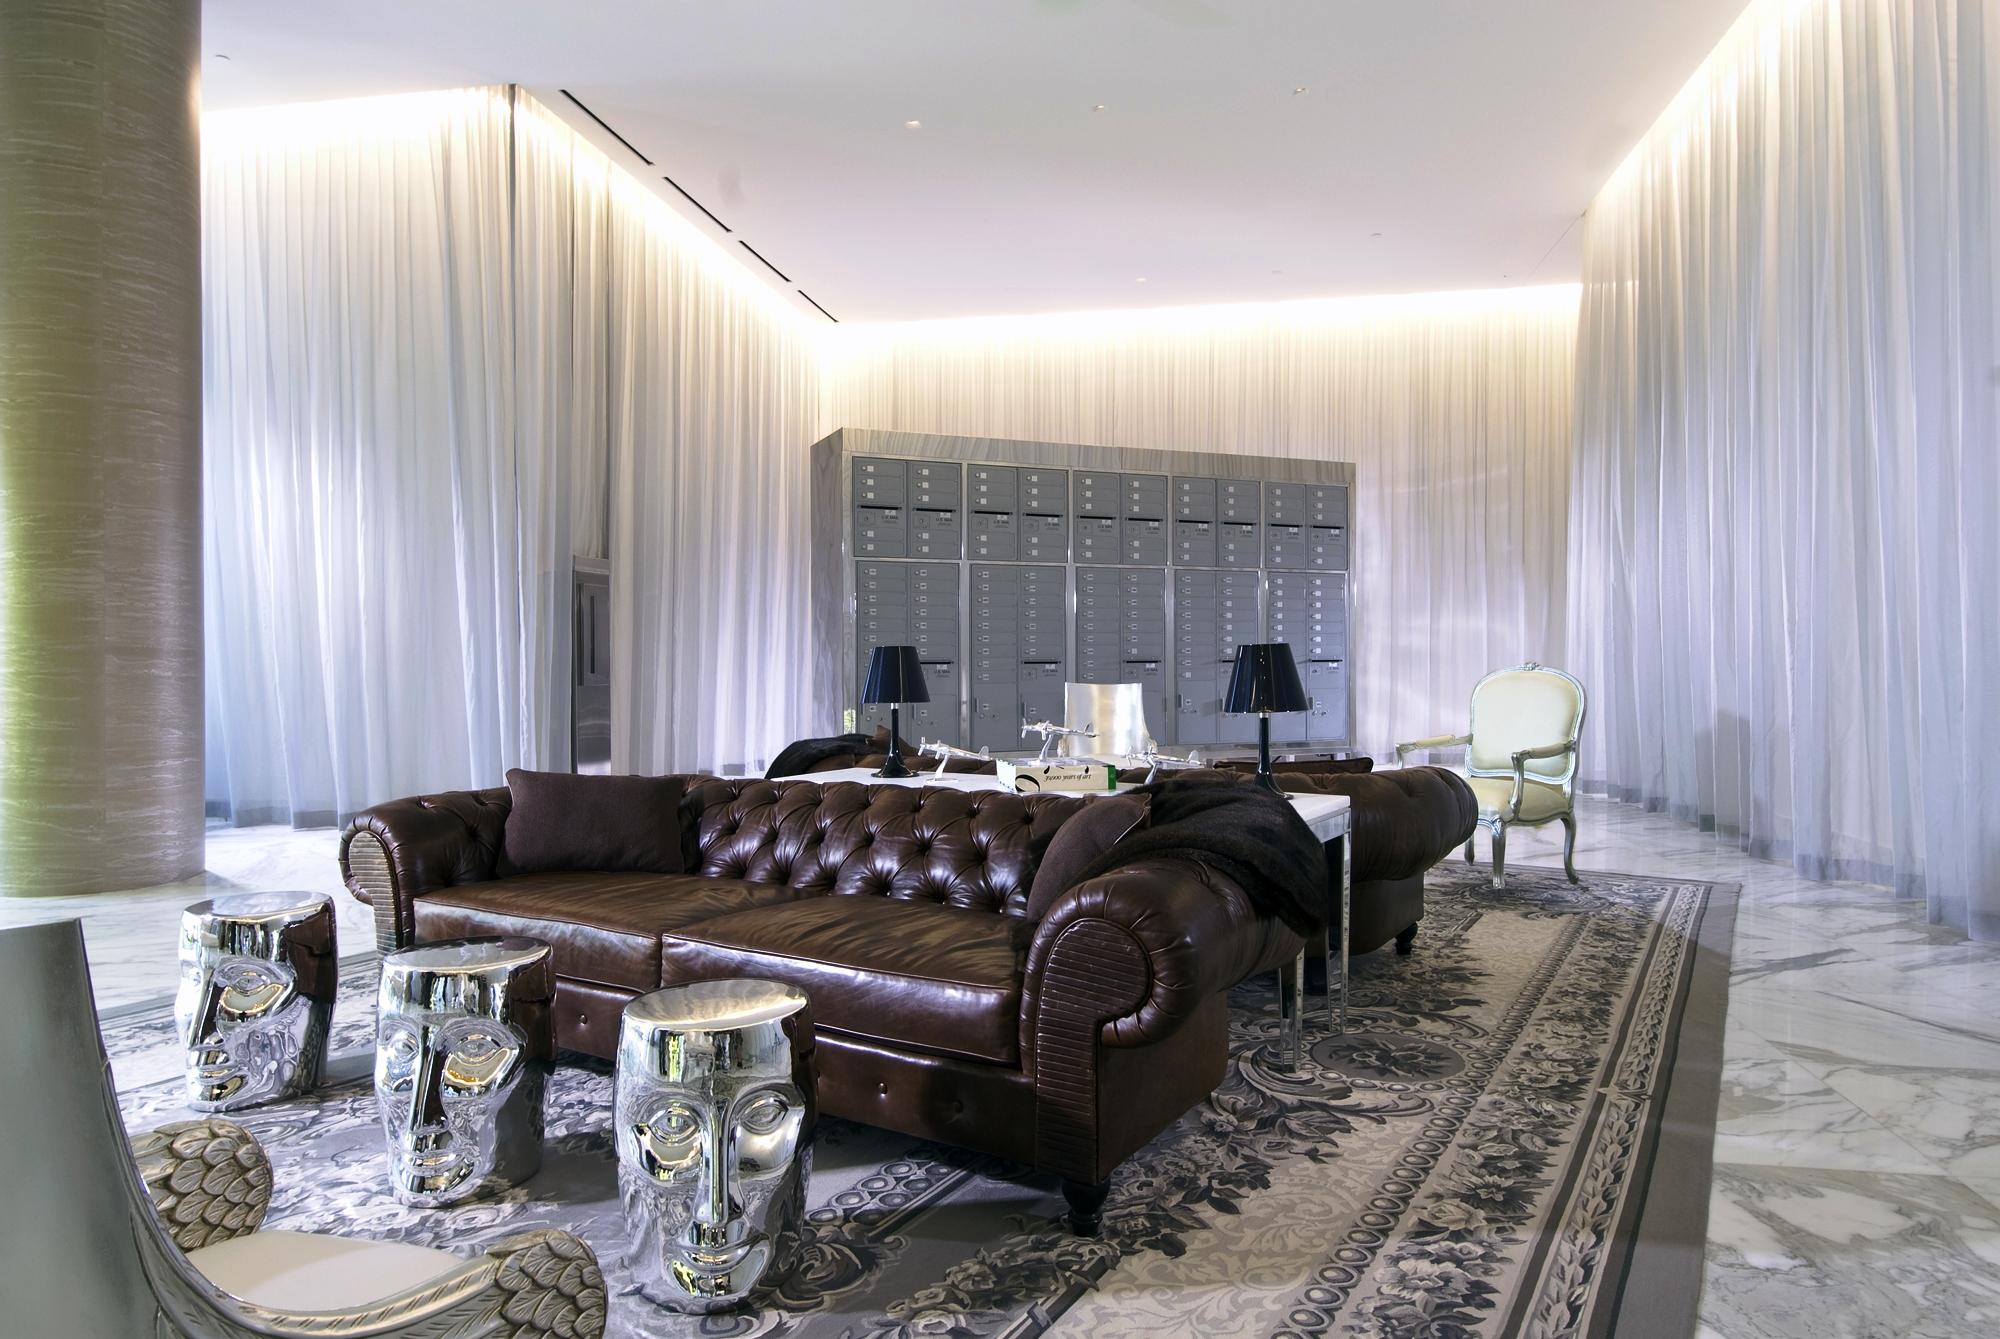 Дизайнерская мебель Филиппа Старка